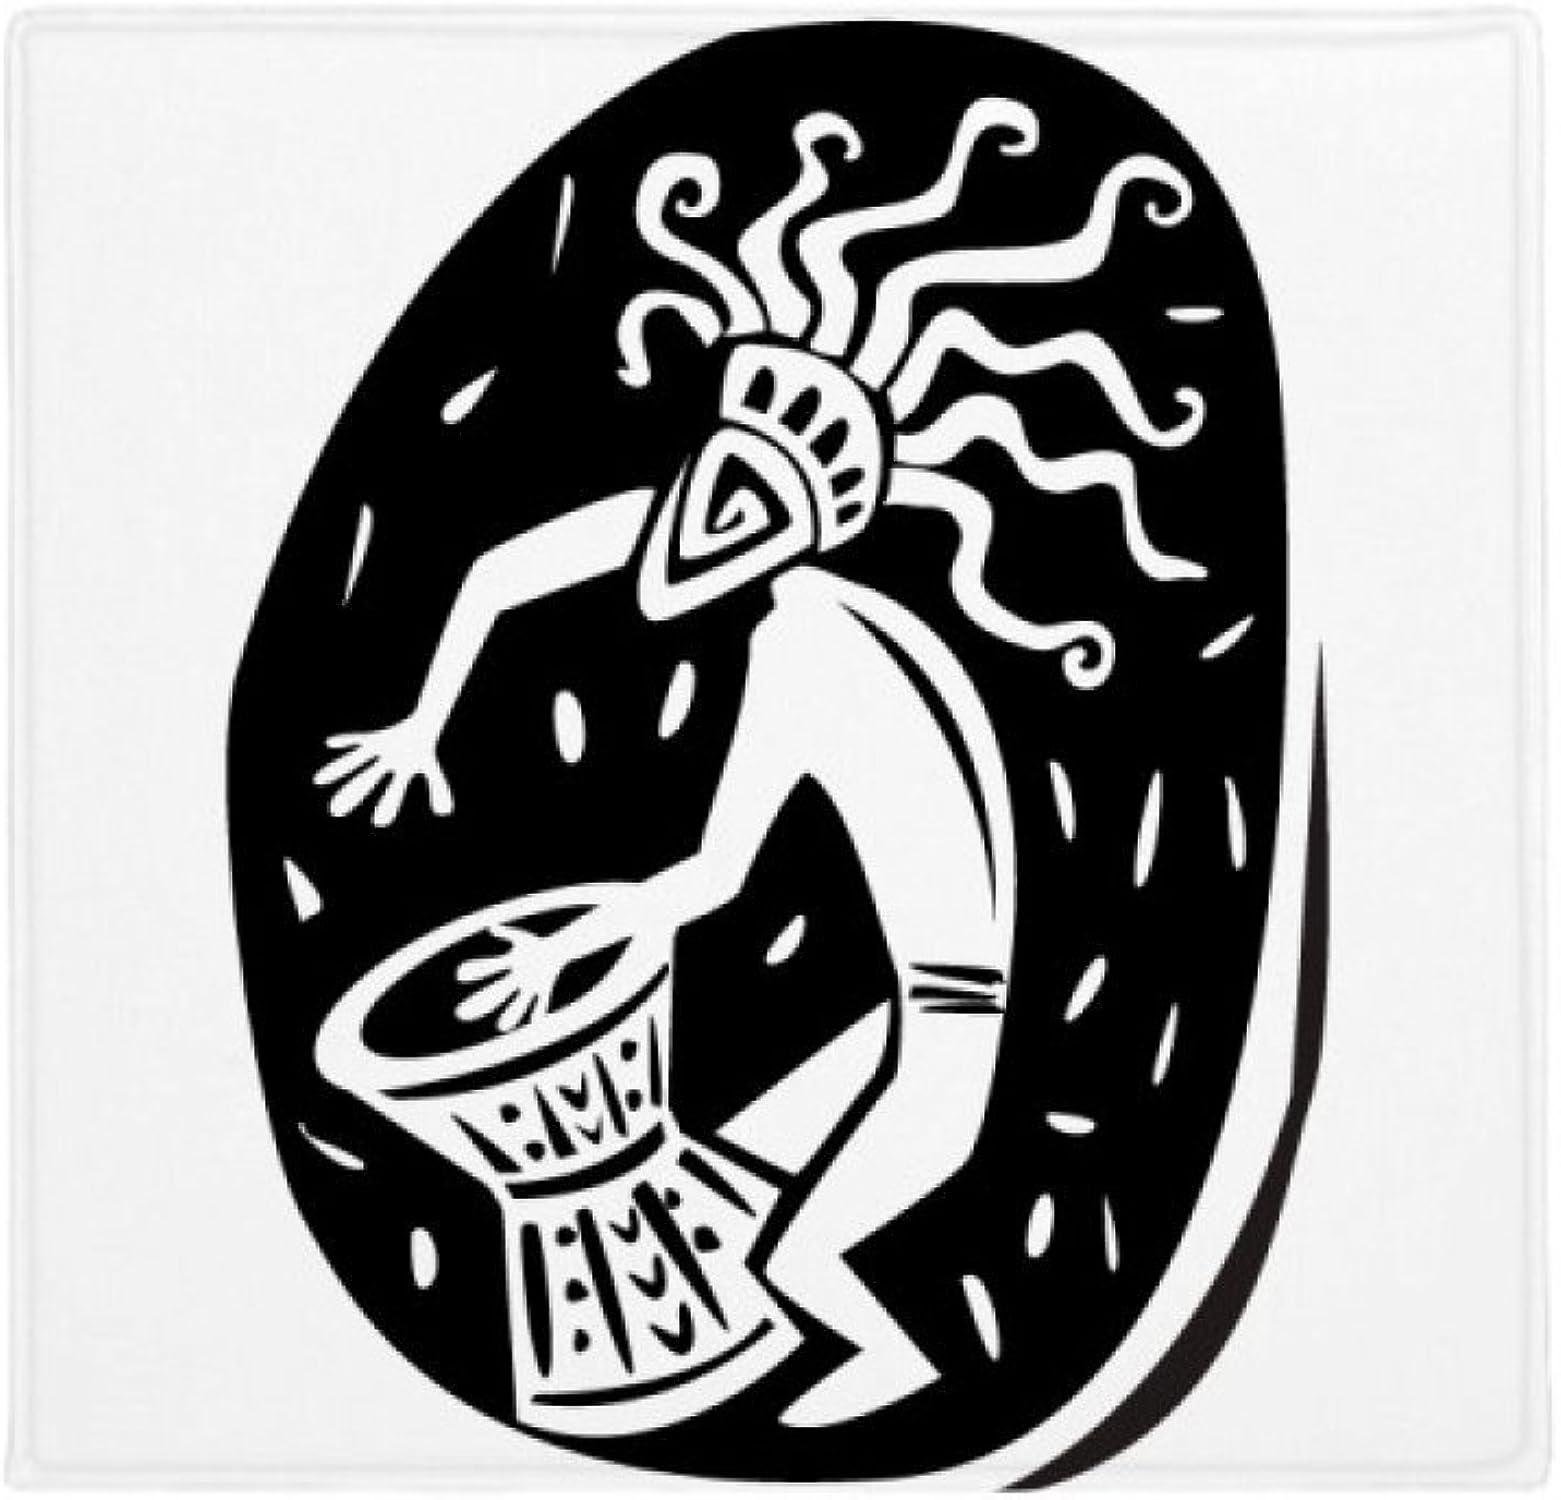 Precio al por mayor y calidad confiable. DIYthinker Planta Pet Square Alfombra Alfombra Alfombra de su casa Puerta de la Cocina 80cm Regalo Abstracta Antiguo Egipto el faraón Silueta Antideslizante 80 X 80cm  calidad oficial